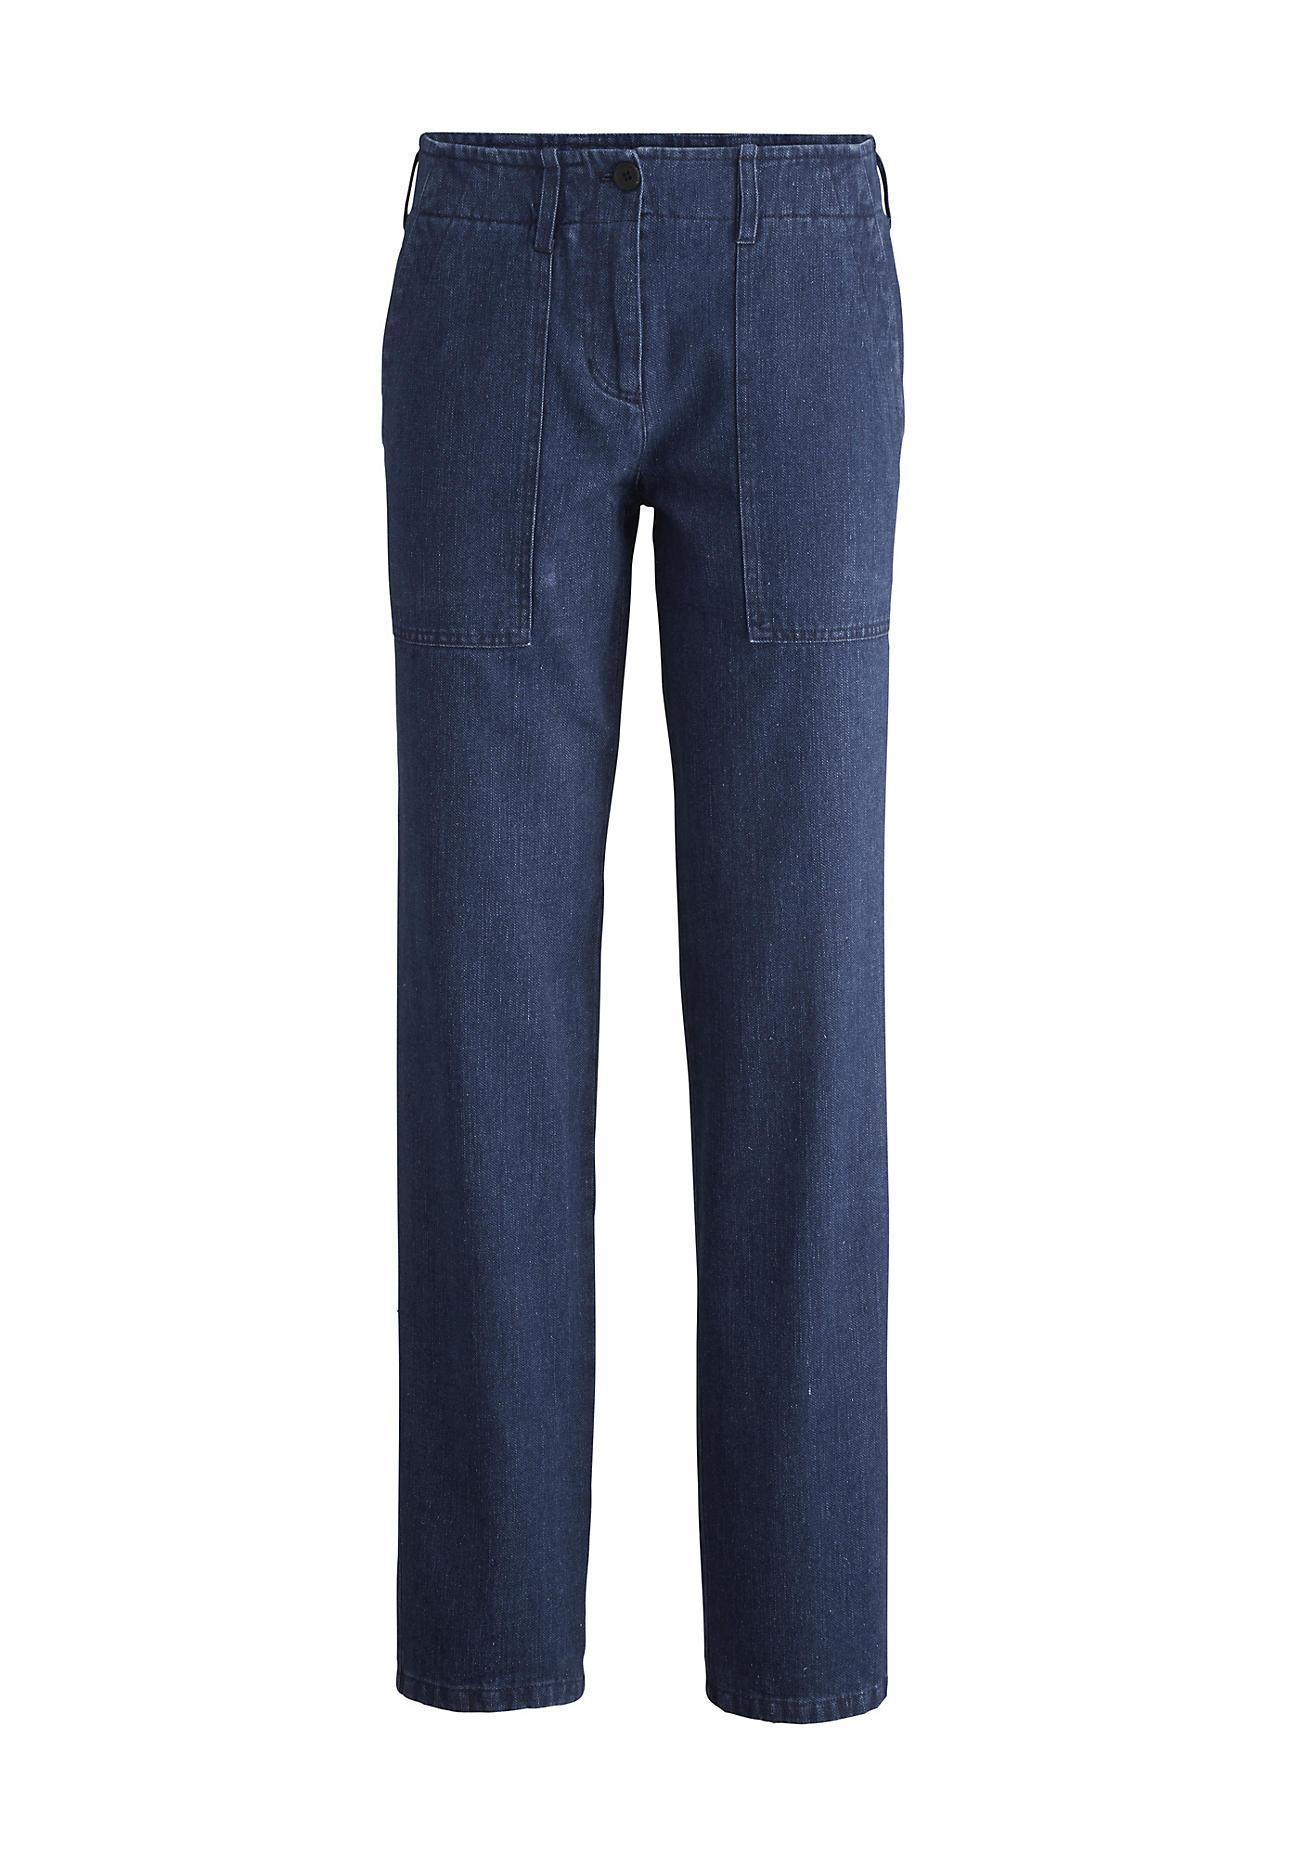 Hosen - hessnatur Damen Jeans aus Hanf mit Bio Baumwolle – blau –  - Onlineshop Hessnatur